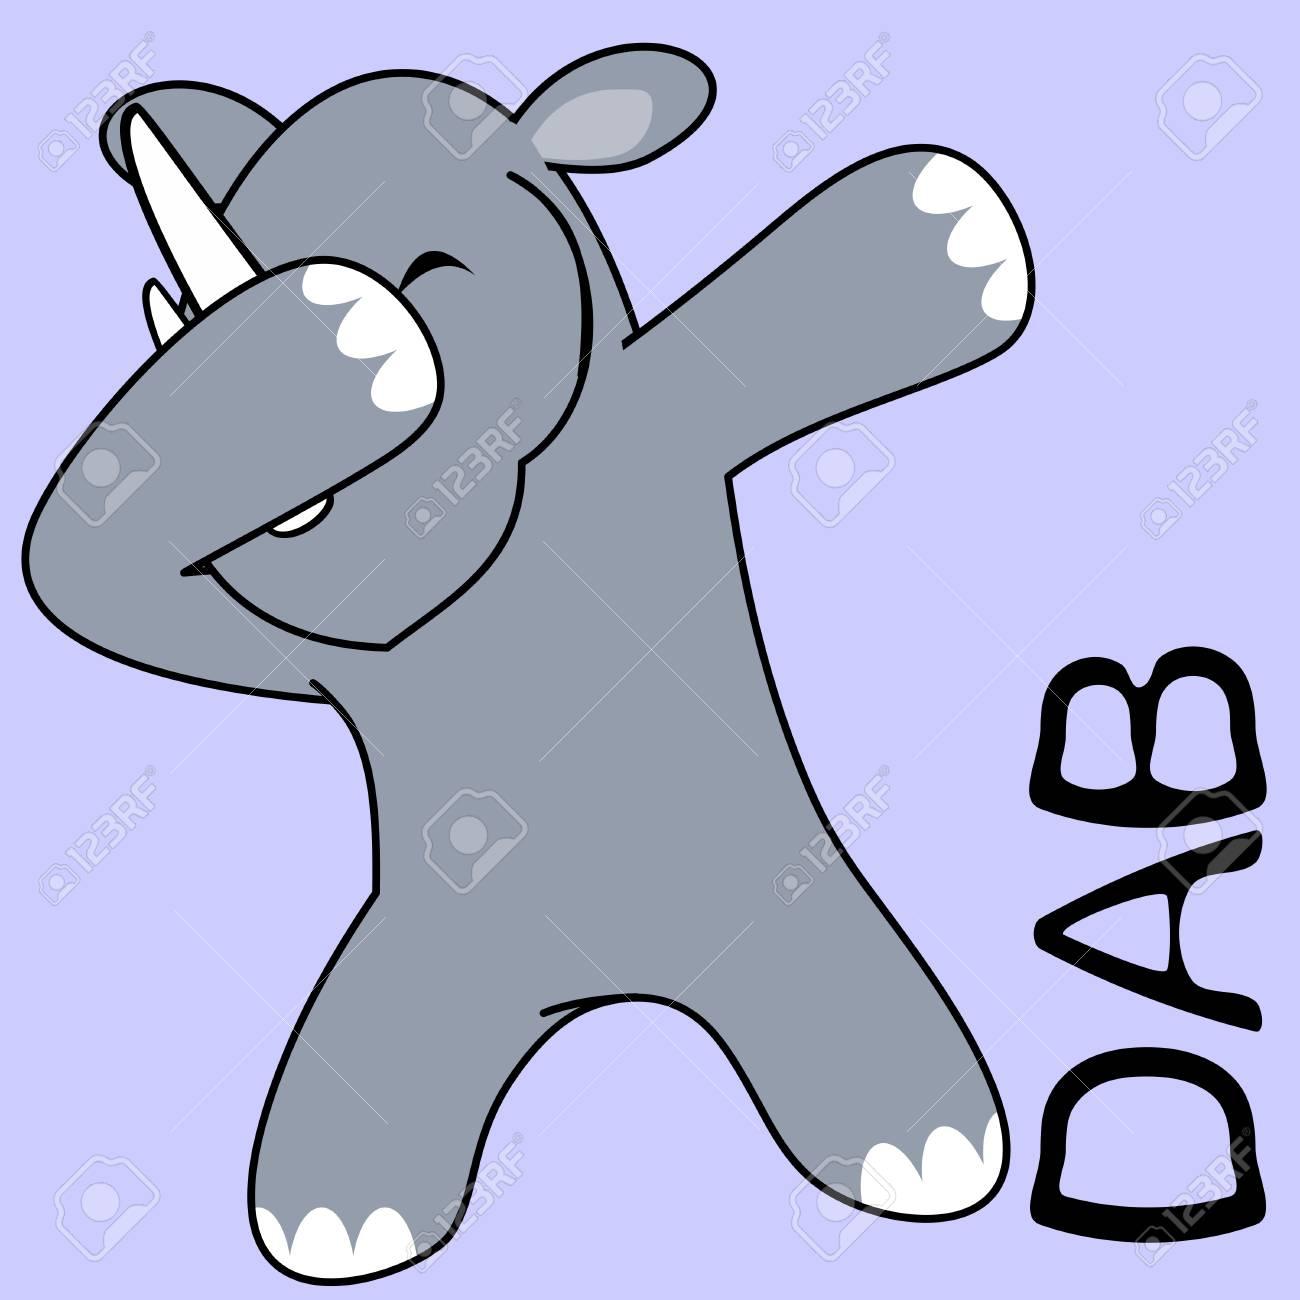 dab dabbing pose rhino